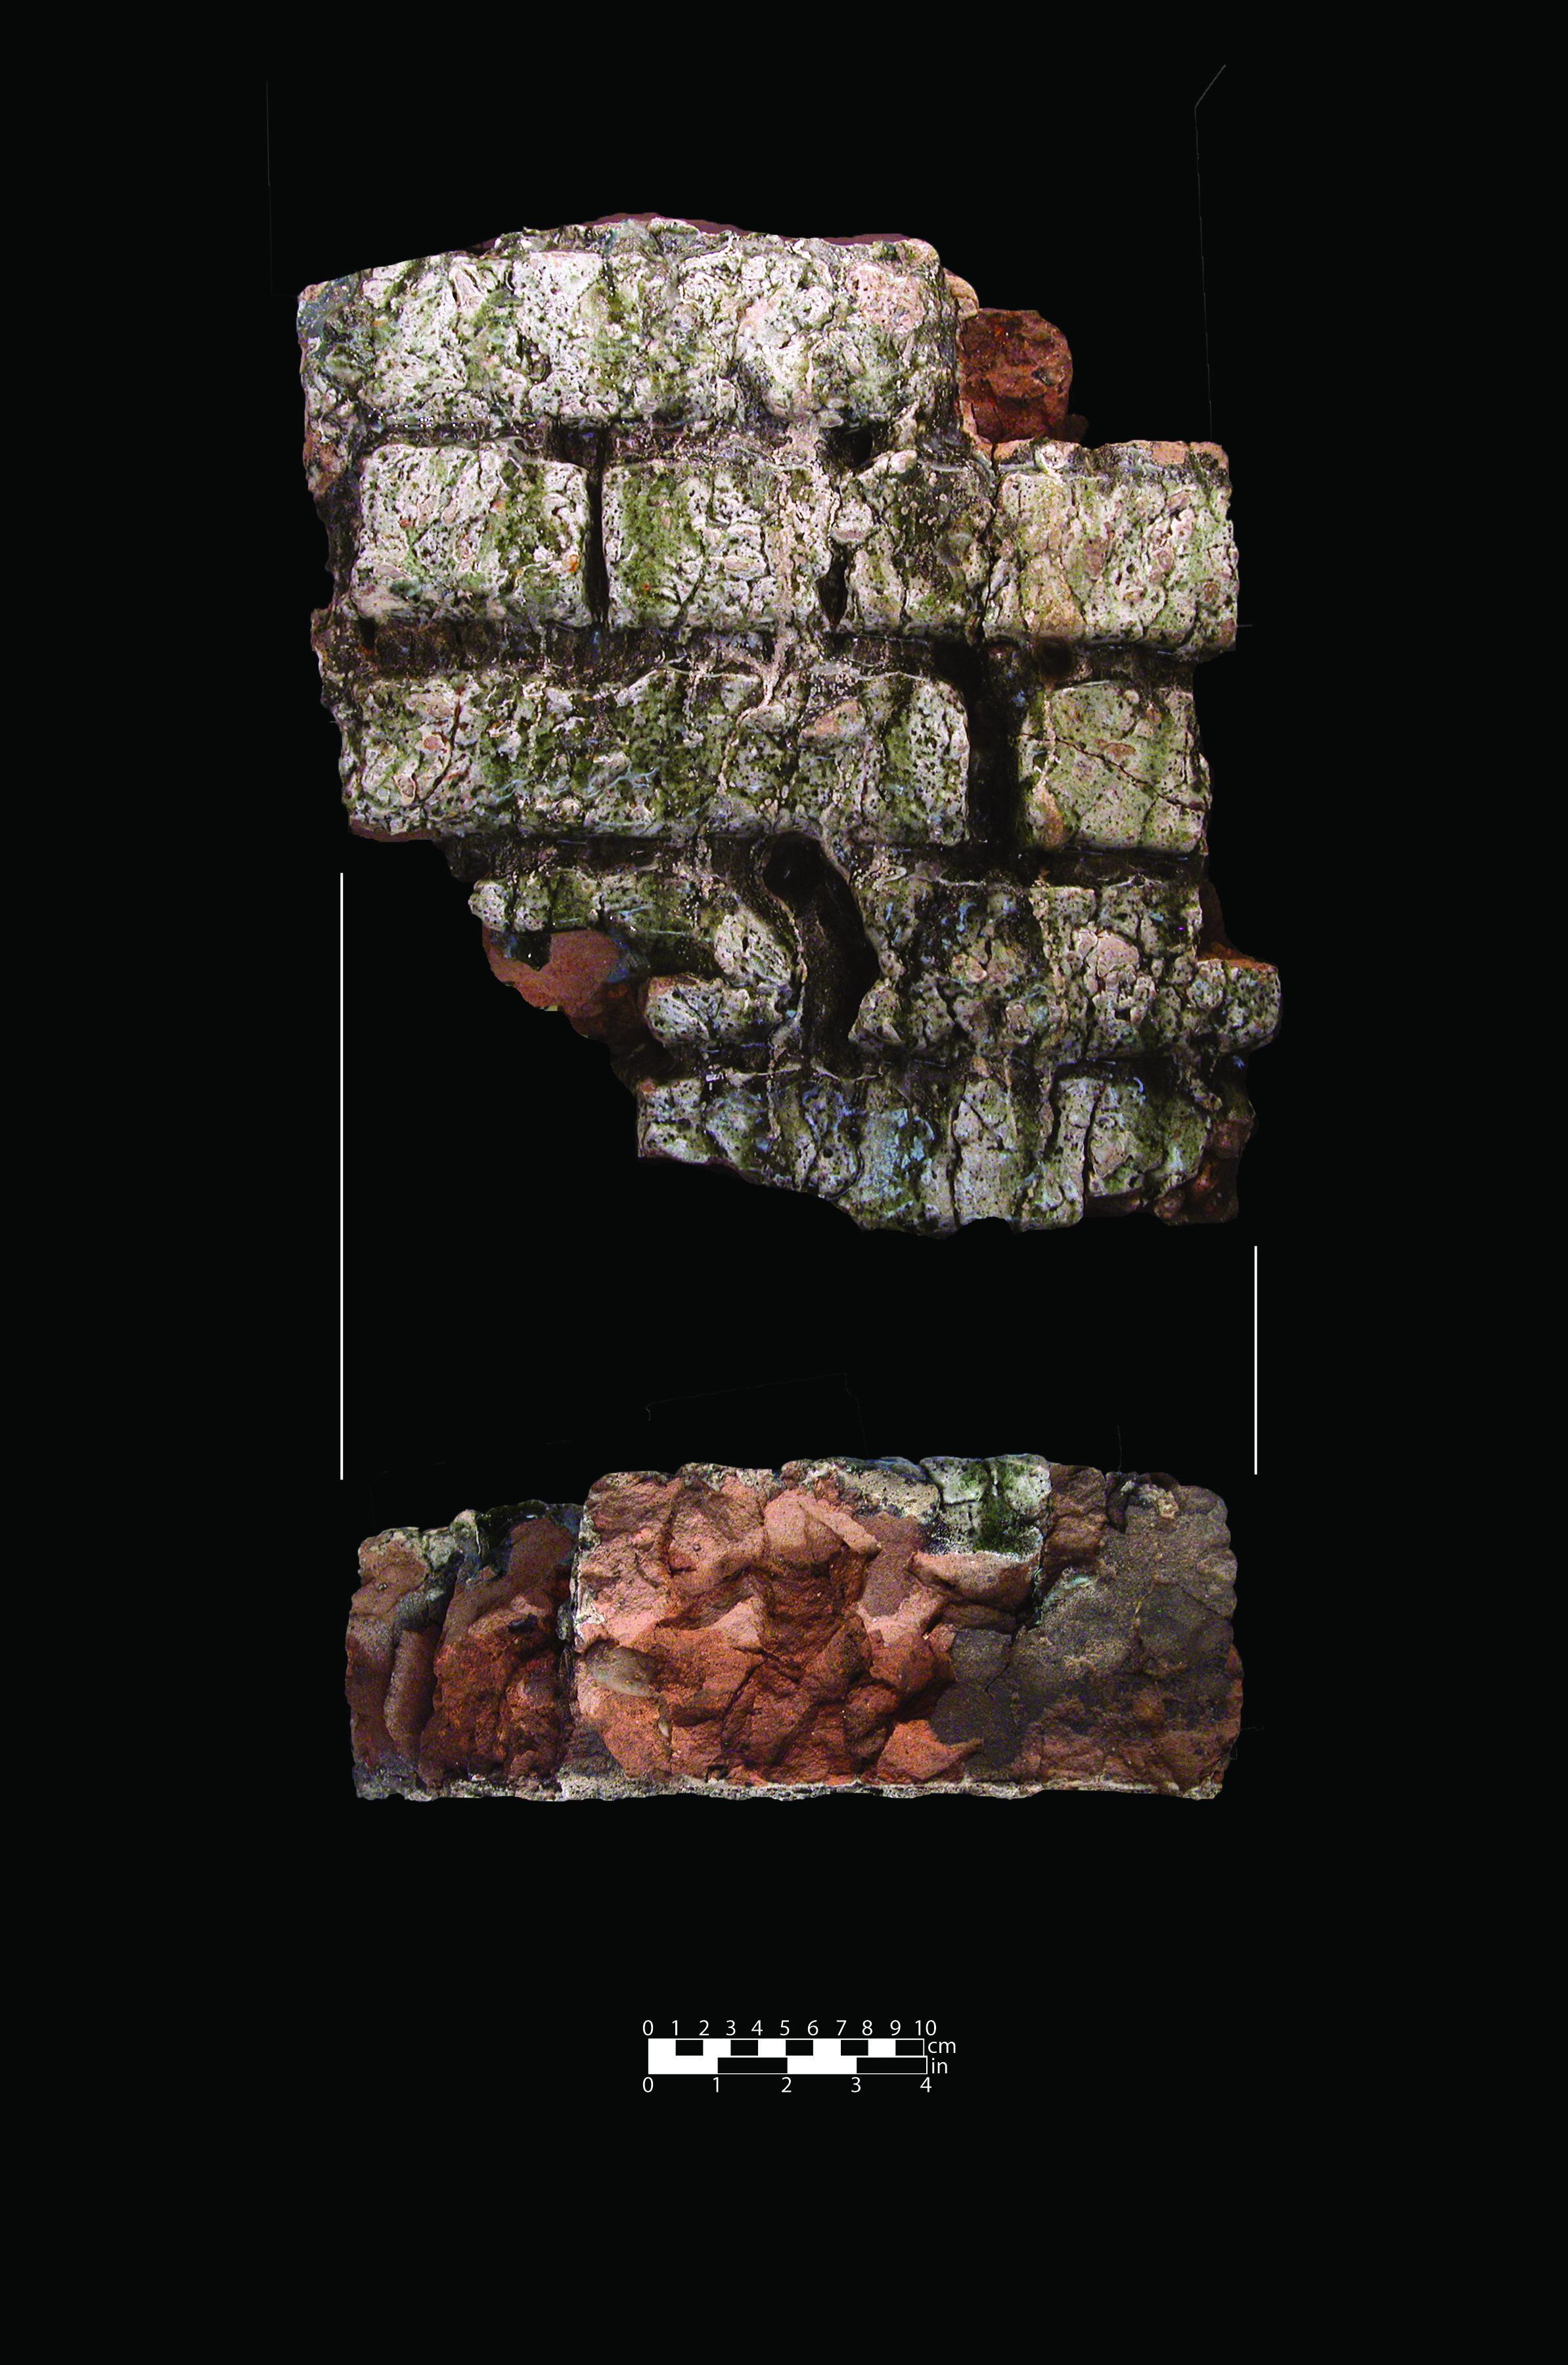 Steel furnace brick masonry